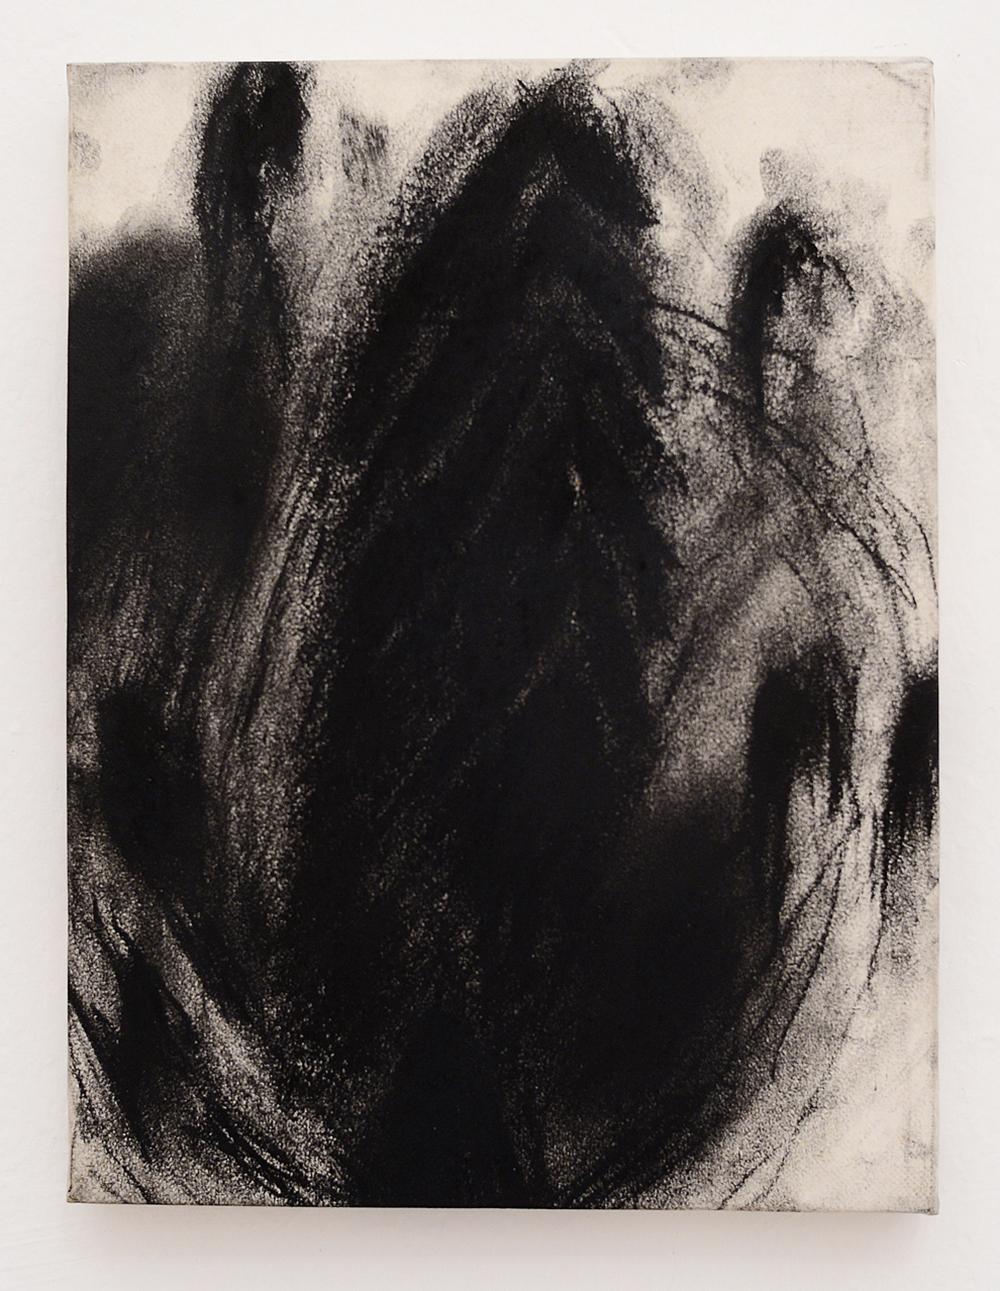 Senza titolo, 1988, tecnica mista su carta intelata, cm 24x18